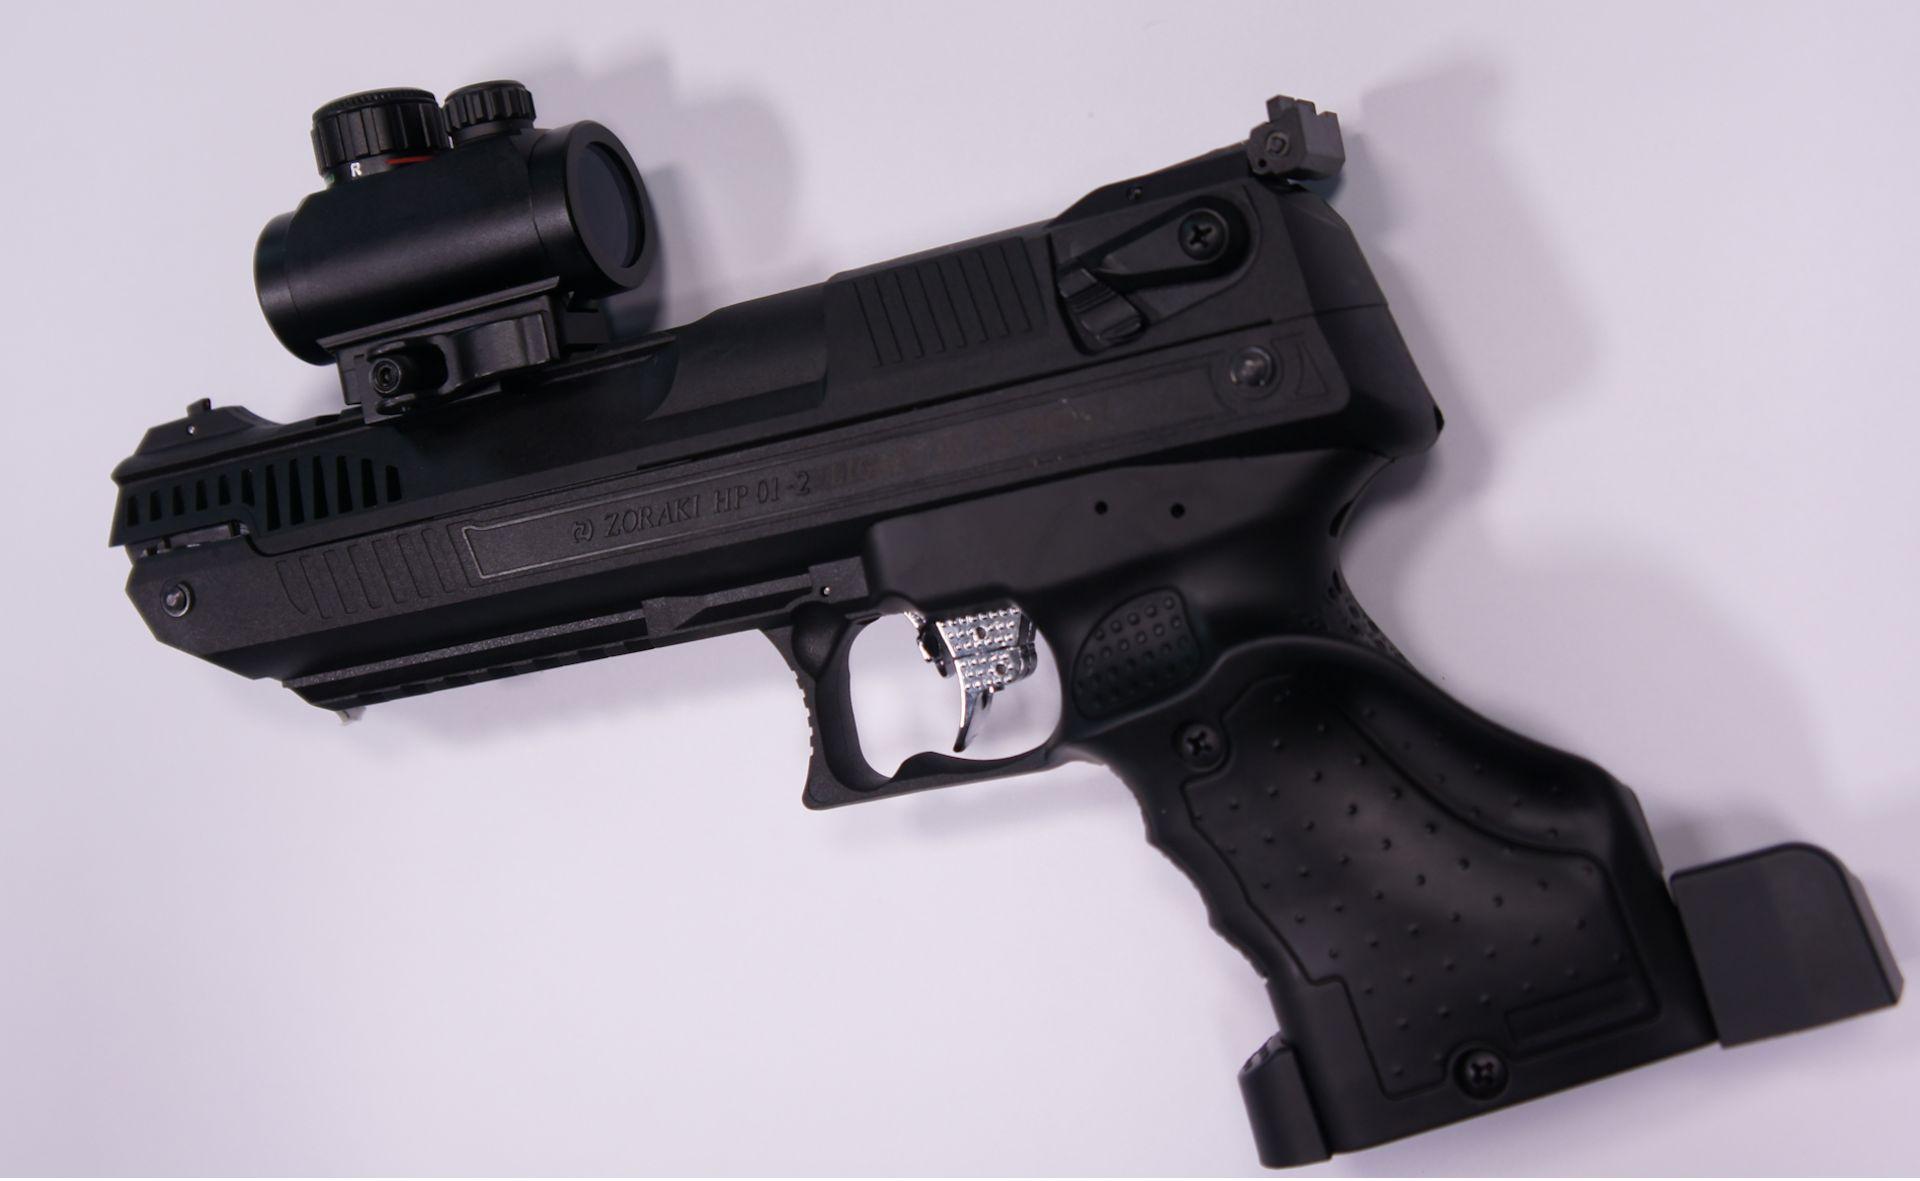 Montagebeispiel an der  <a href=1160110q3.htm> Luftpistole Zoraki q3</a>. Diese Luftpistolen Zoraki H01 sind speziell von mir für Optiken angepasst und an die Standardpistolen (ohne zusätzliche Quernuten) passt die Optik nicht